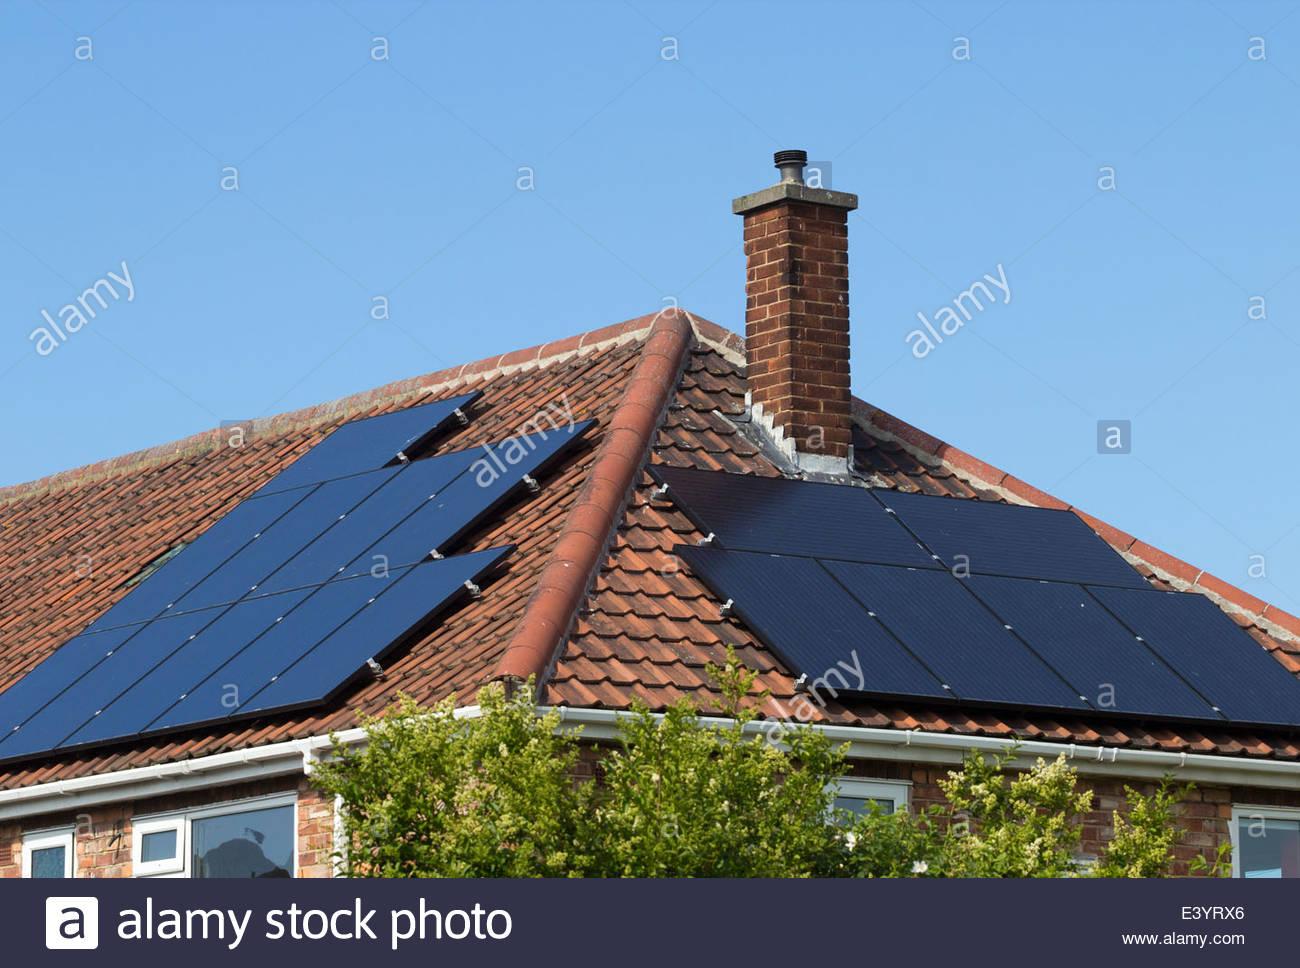 Des panneaux solaires sur toit de maison. UK Photo Stock